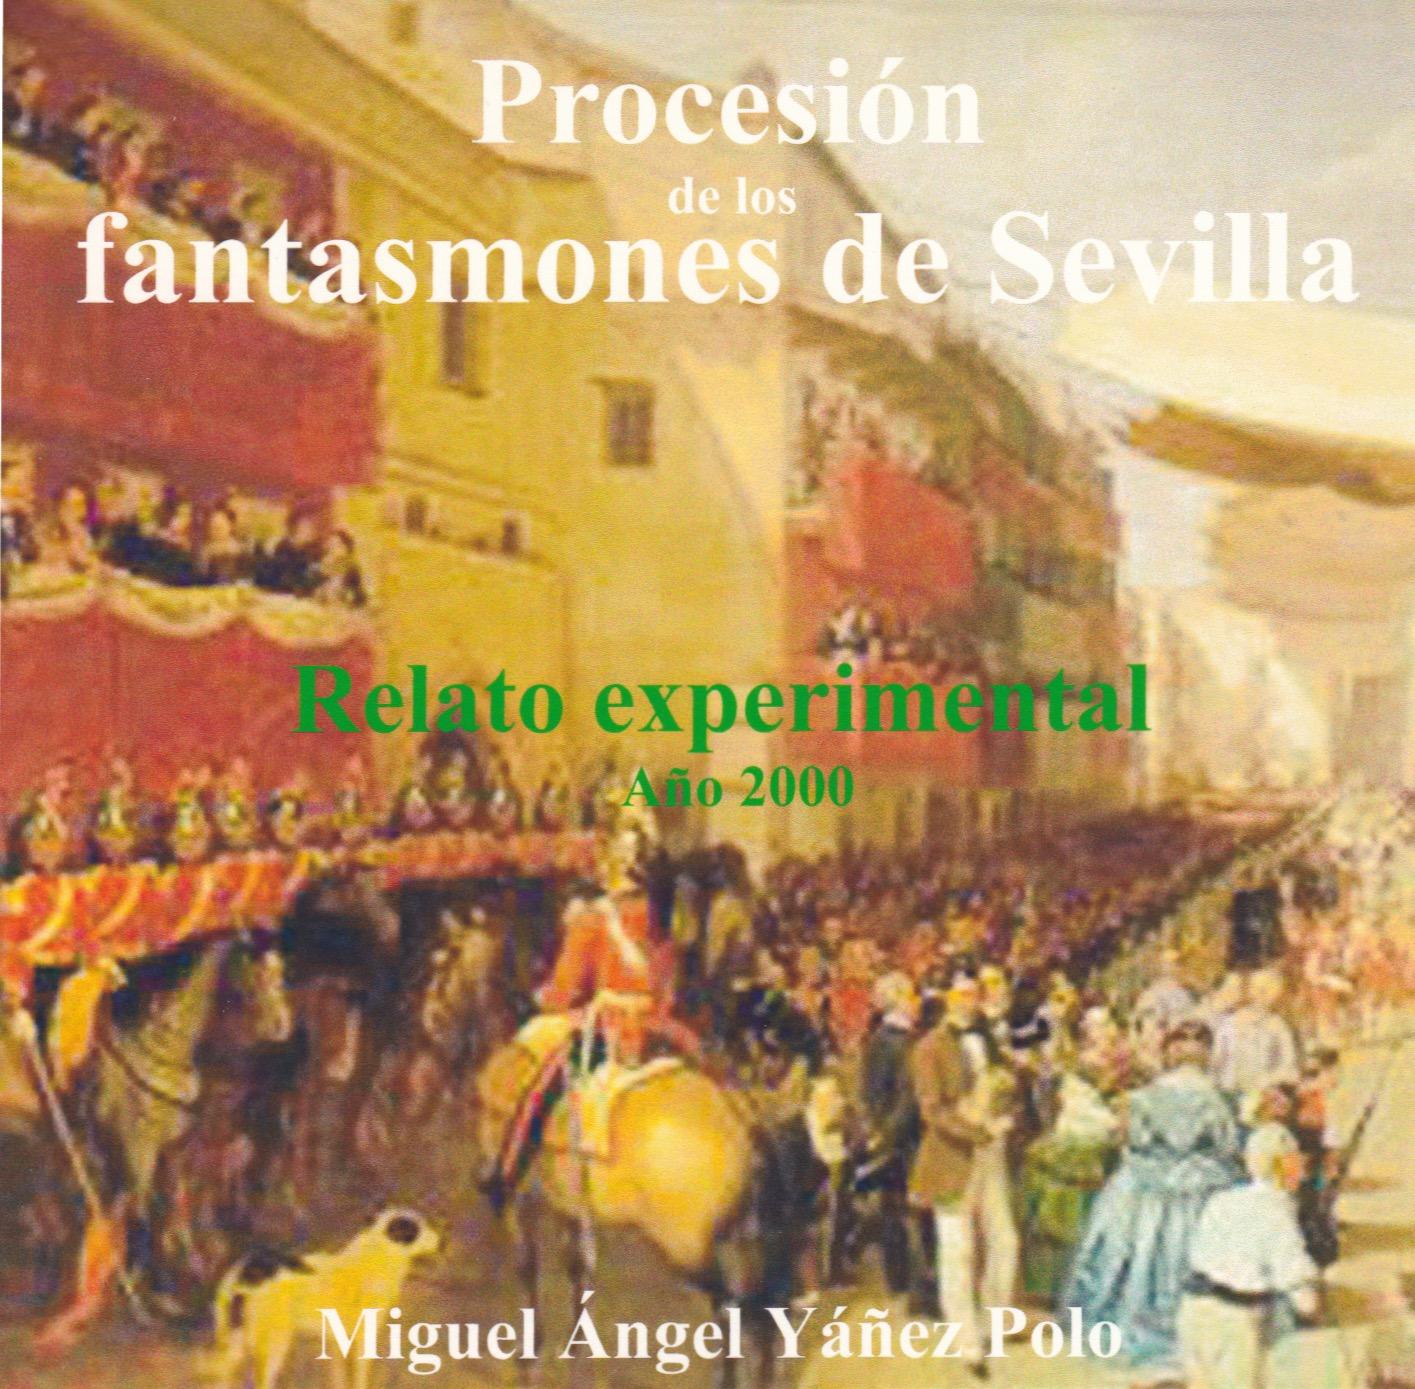 Procesión de los fantasmones de Sevilla